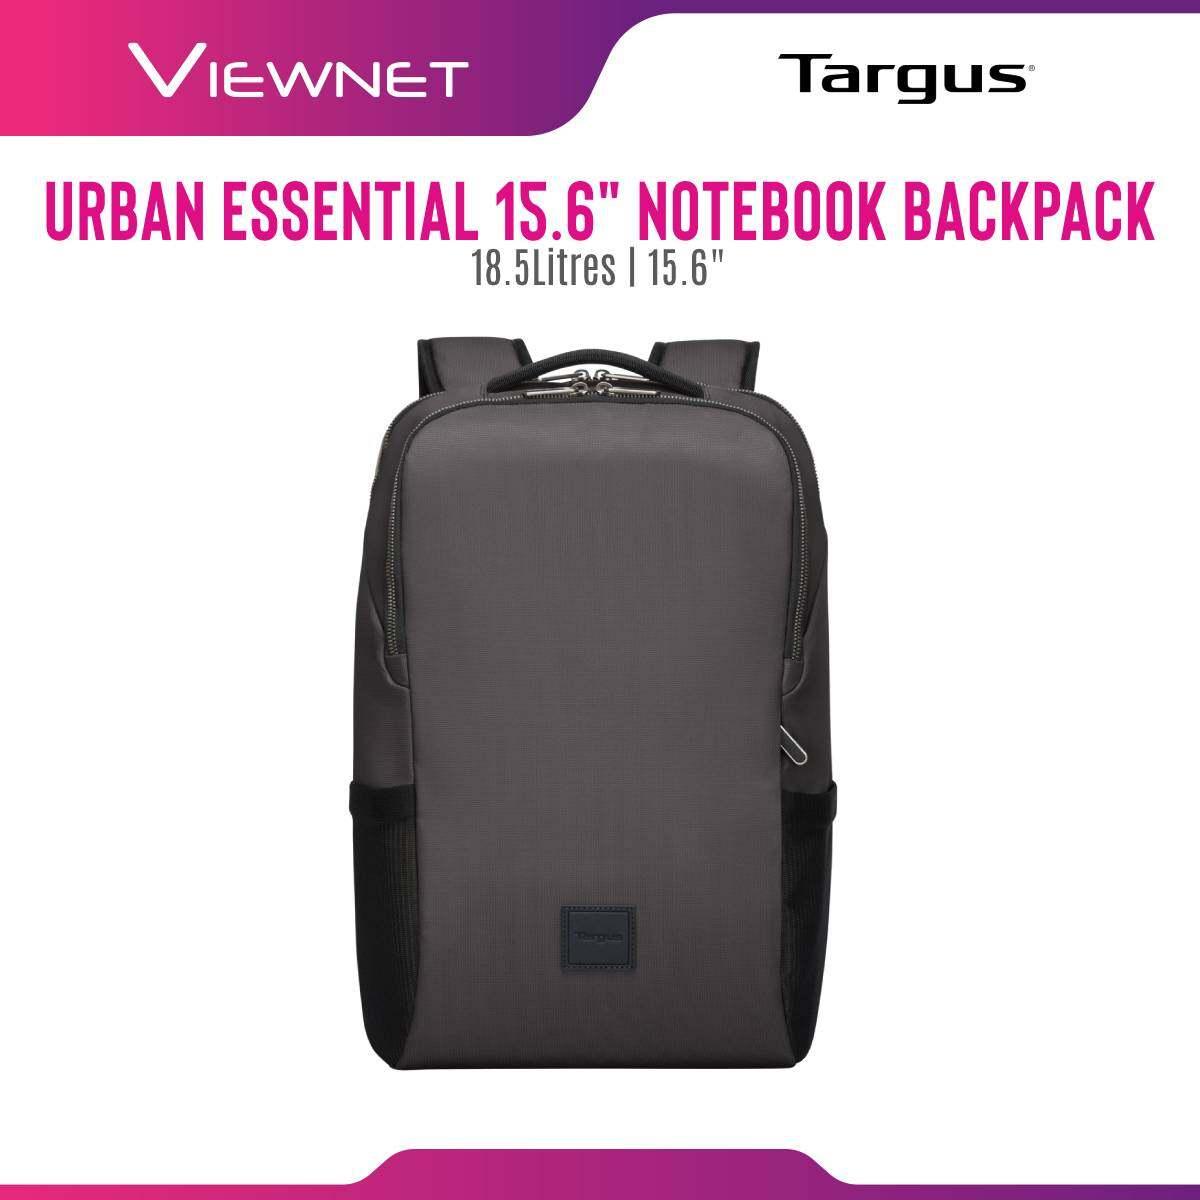 Targus Urban Essential 15.6